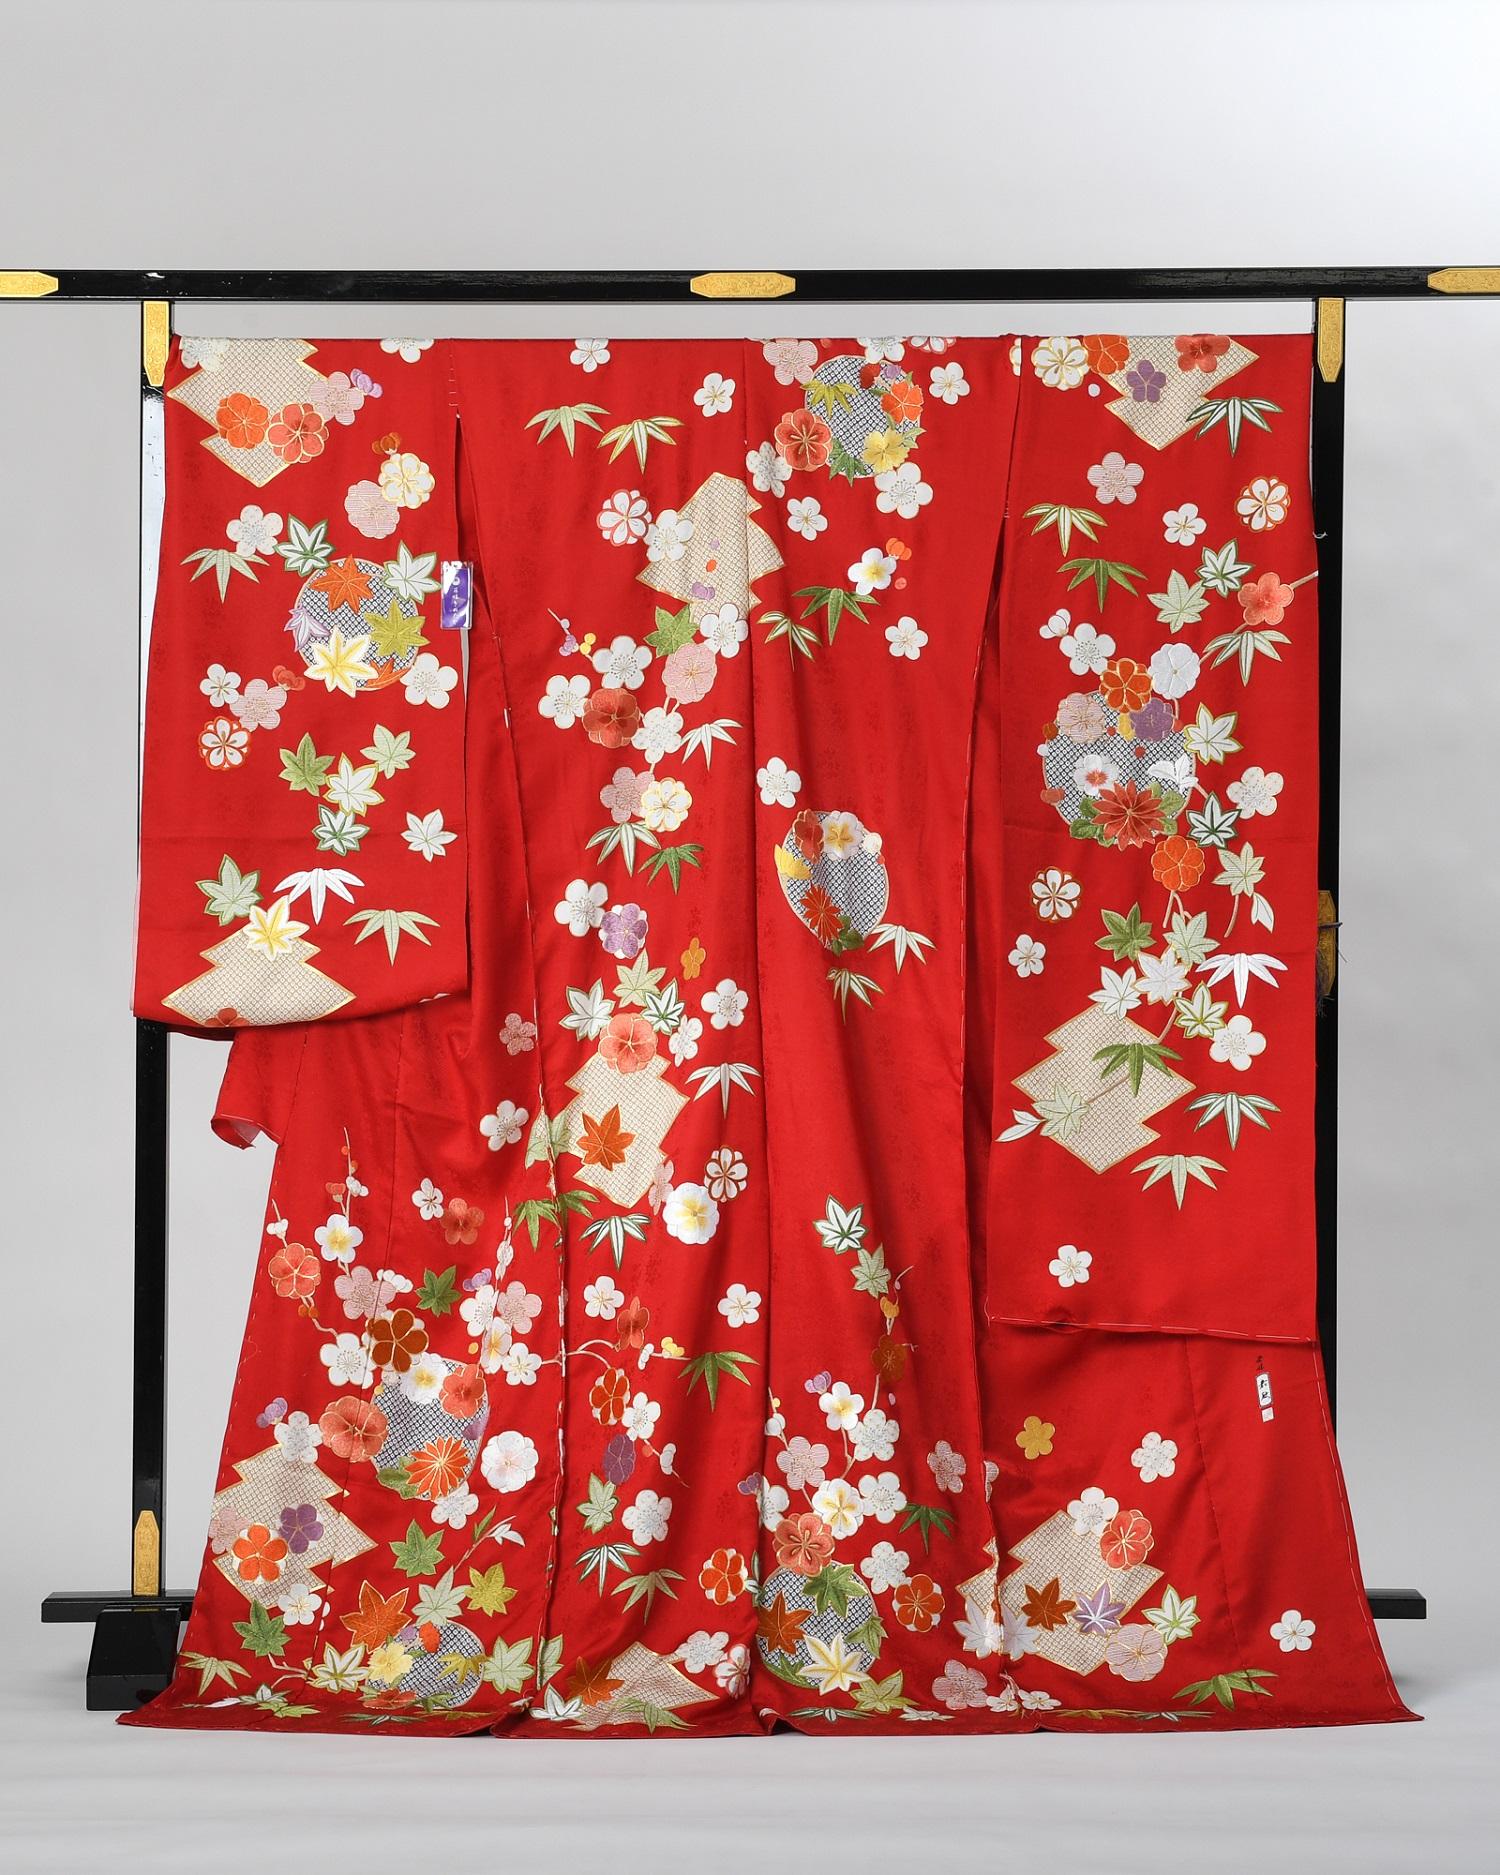 【最高級振袖オーダーレンタル】藤娘きぬたや謹製 刺繍の振袖 赤 品番sk-54